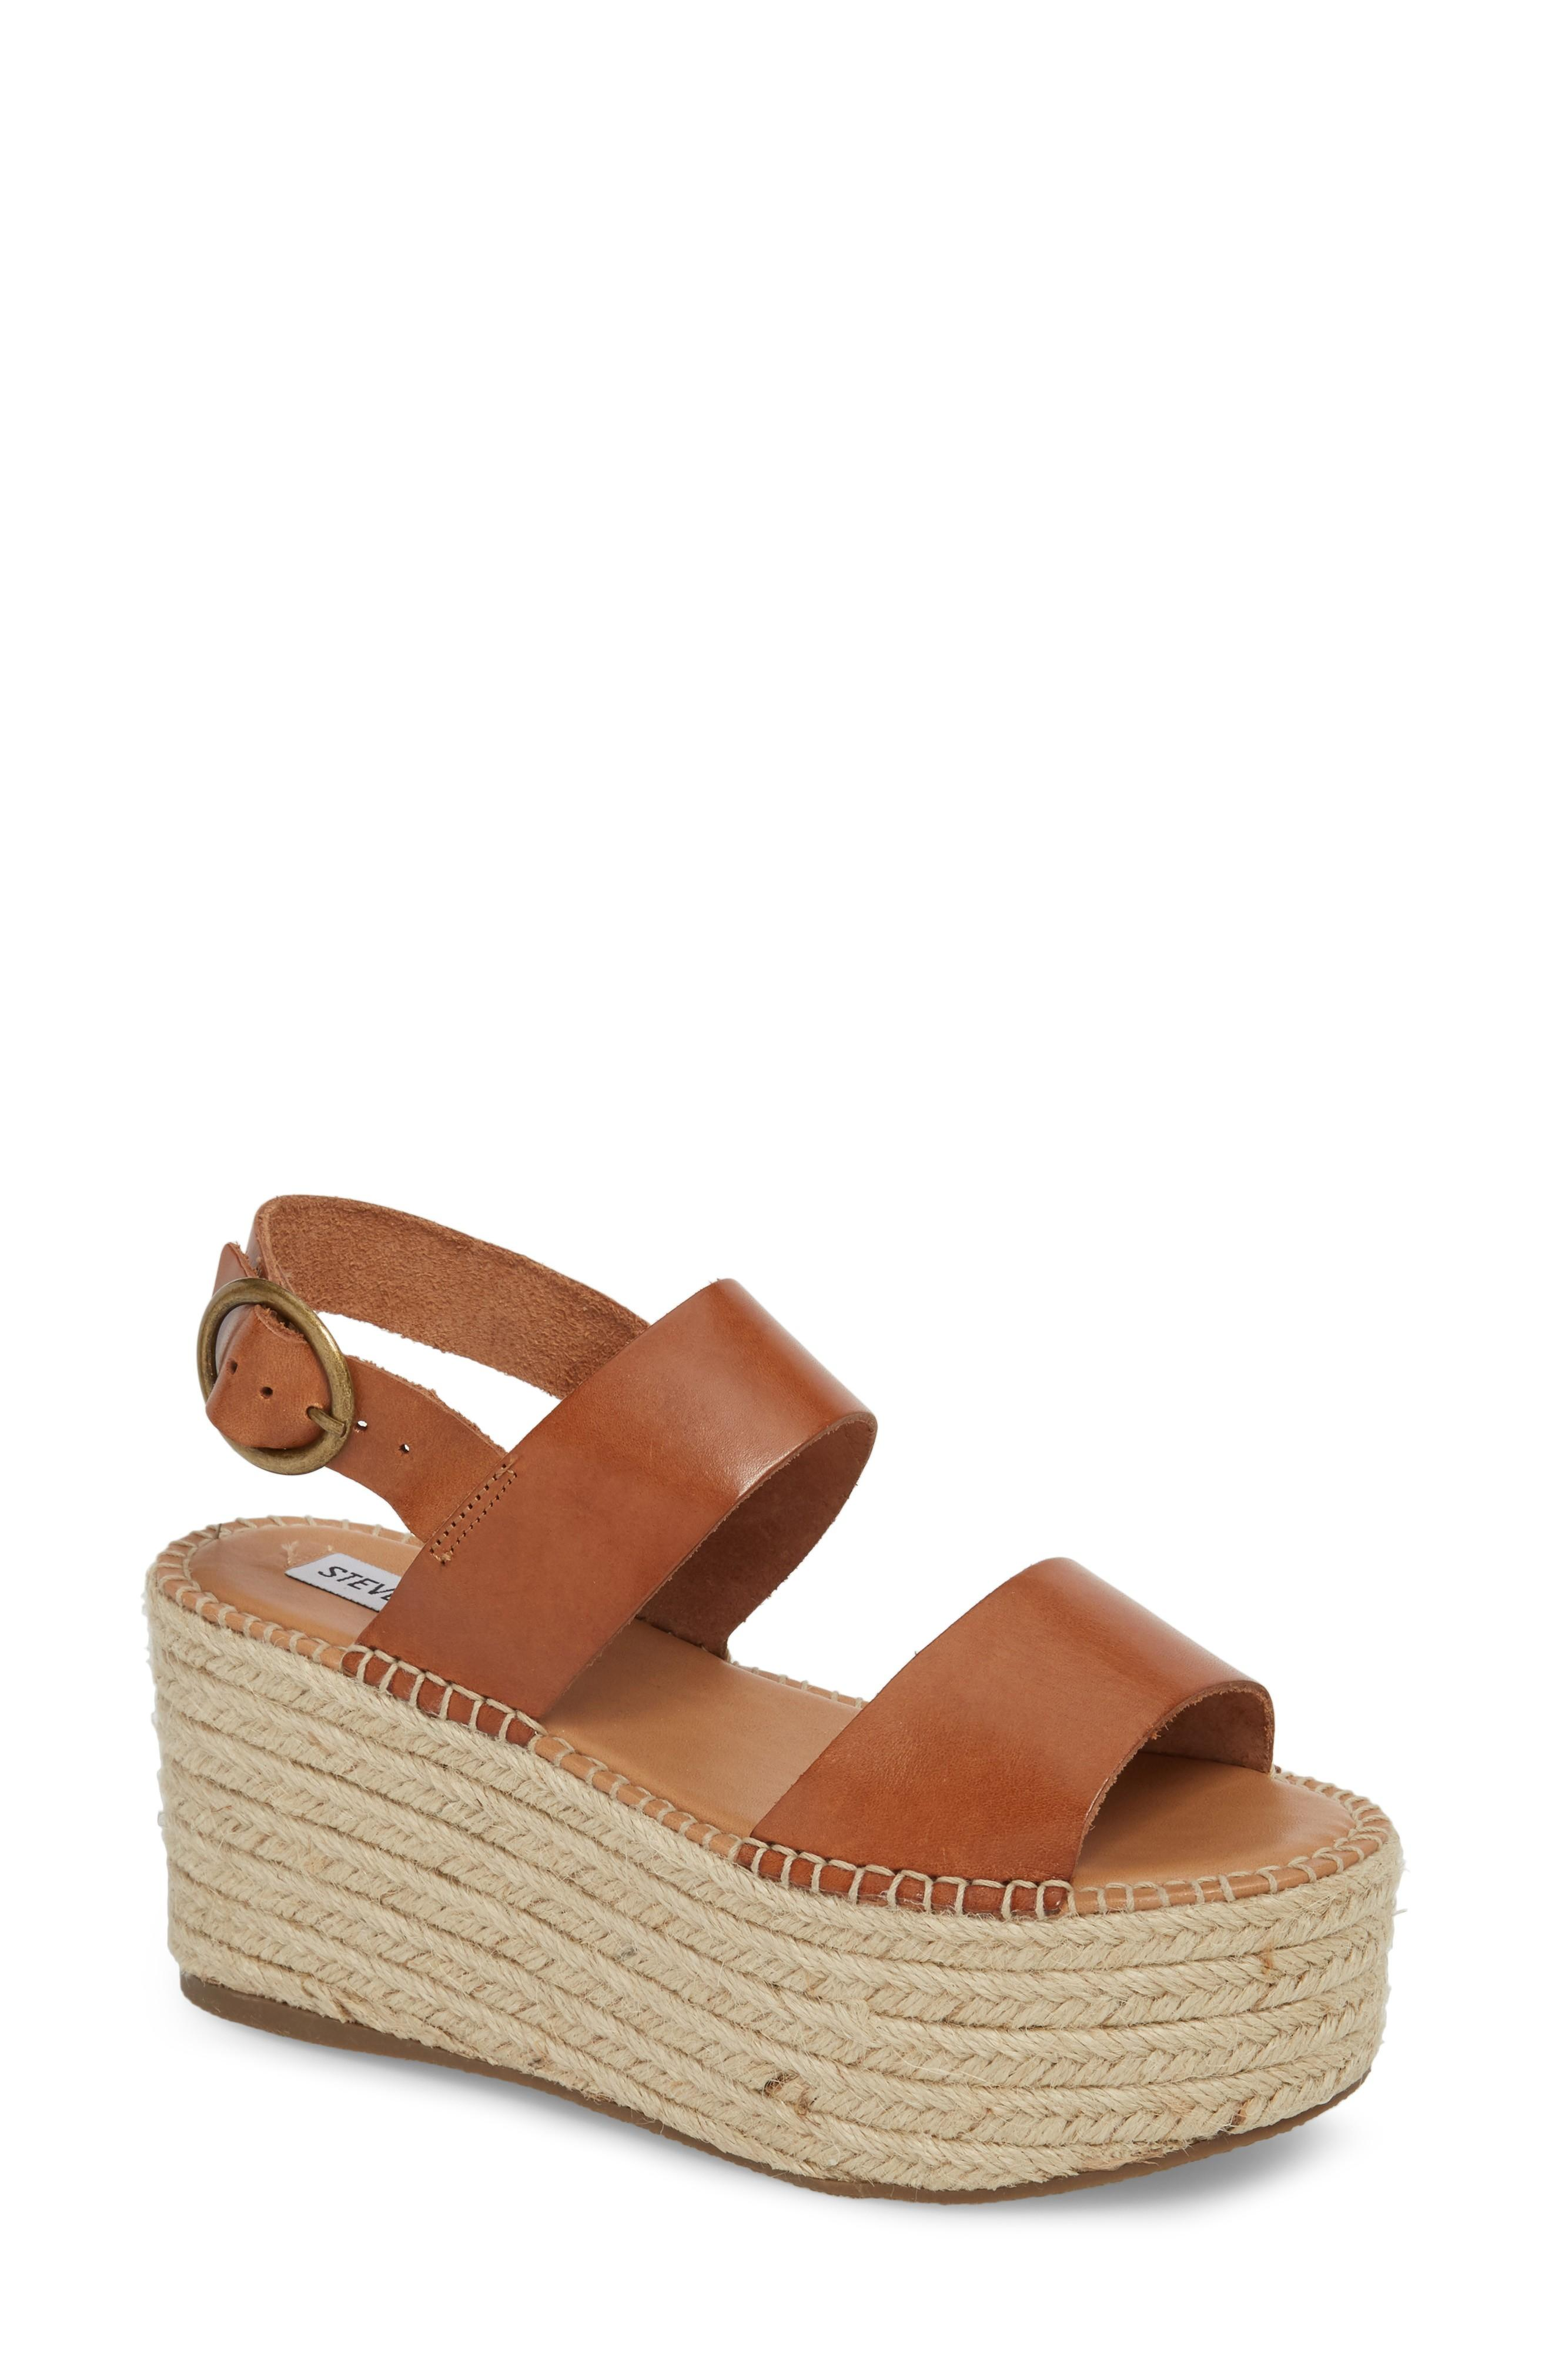 d7441b2d604 Steve Madden Cali Espadrille Platform Sandal In Cognac Leather ...